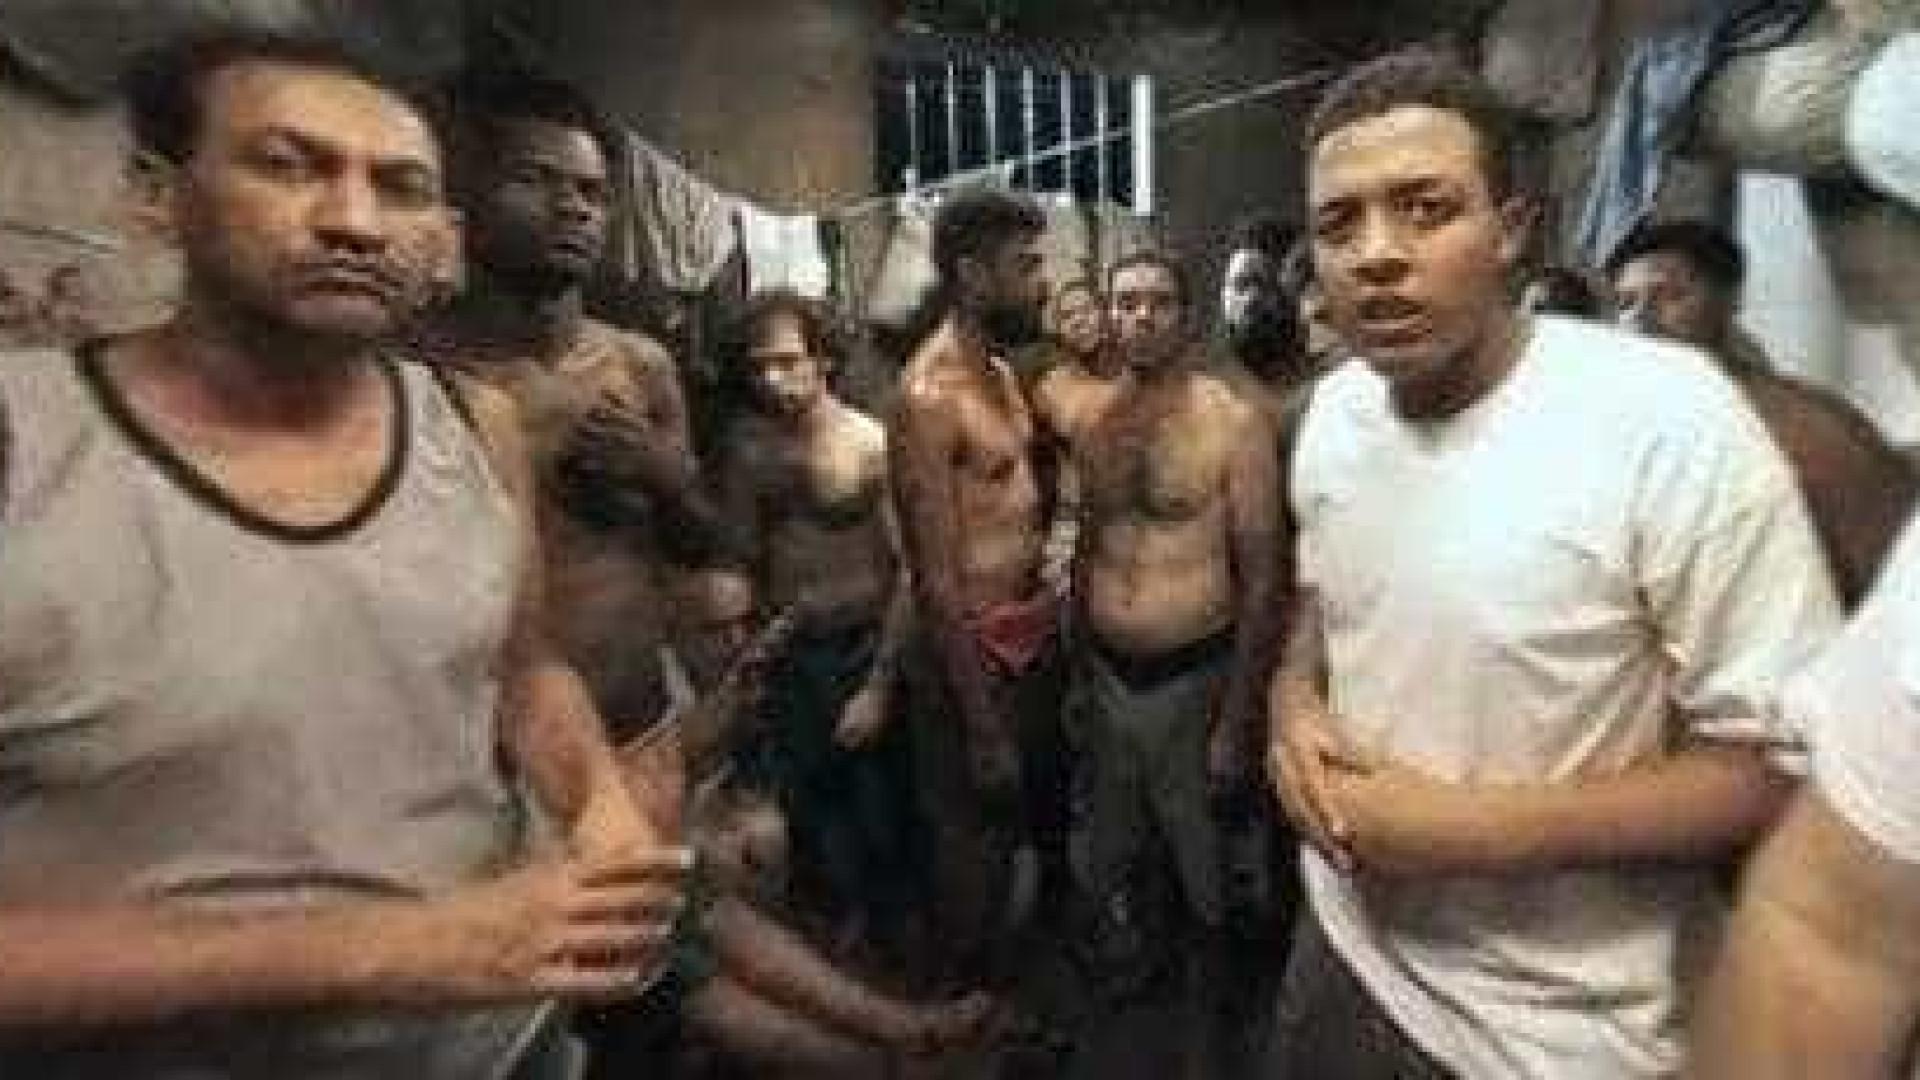 Vídeo em 360º mostra realidade chocante dos presídios brasileiros